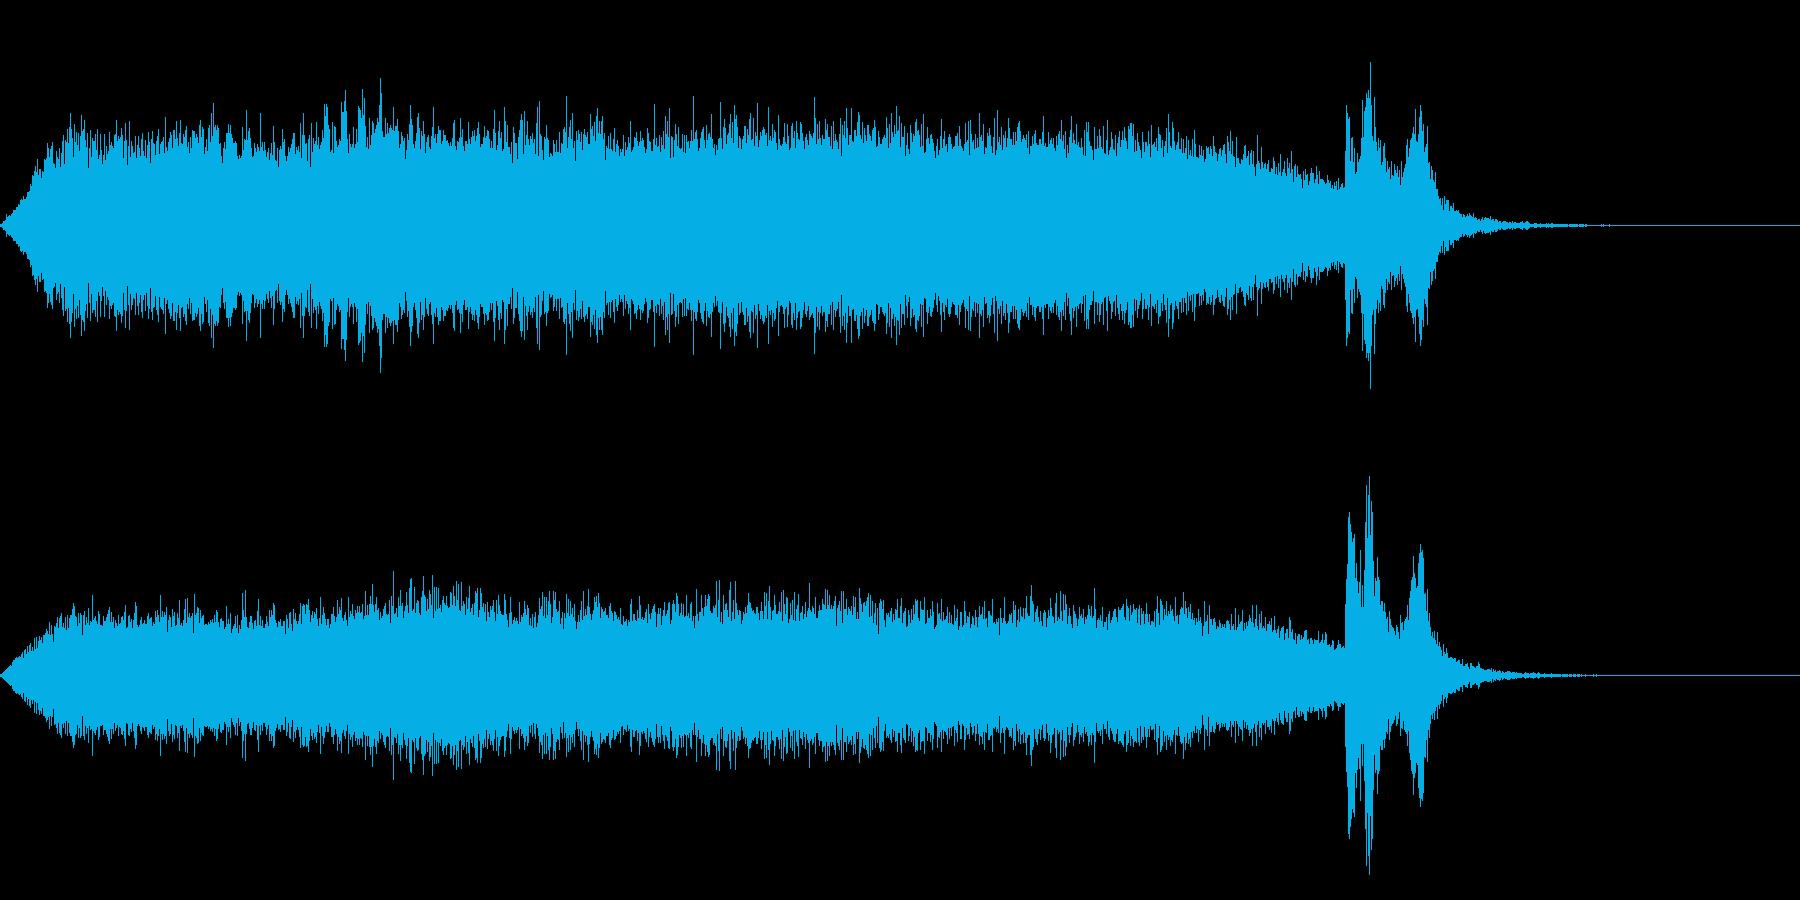 ワープ 宇宙的 未来的な効果音 02bの再生済みの波形